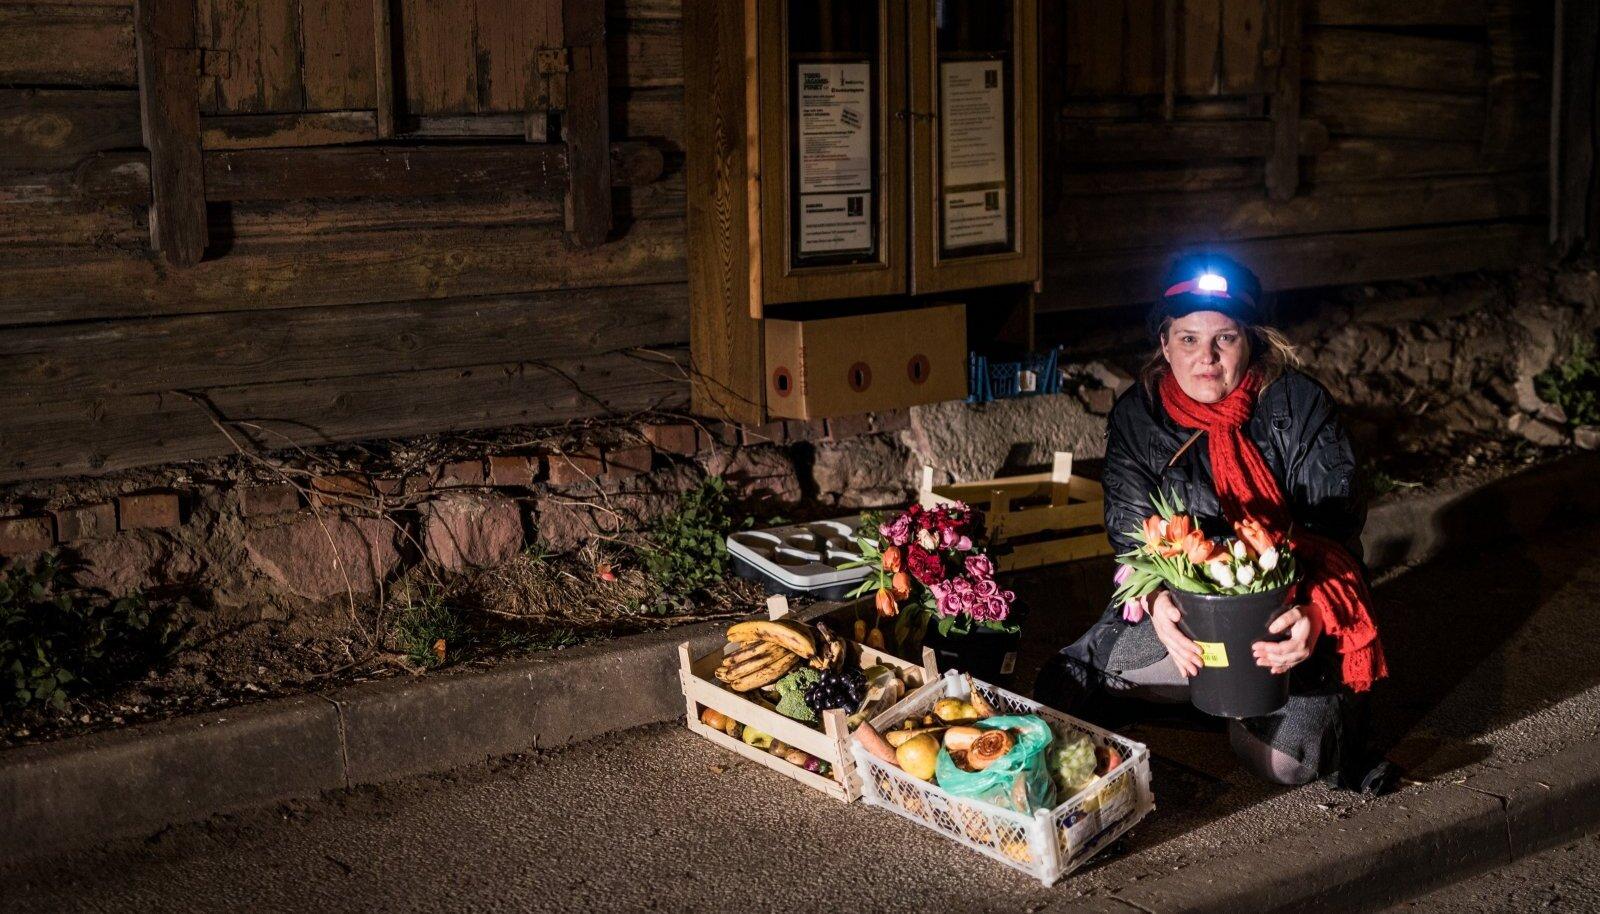 Pärast keskööd jõudis Anna Hints päästetud kraamiga Barlova toidukapi juurde, et see sinna panna.